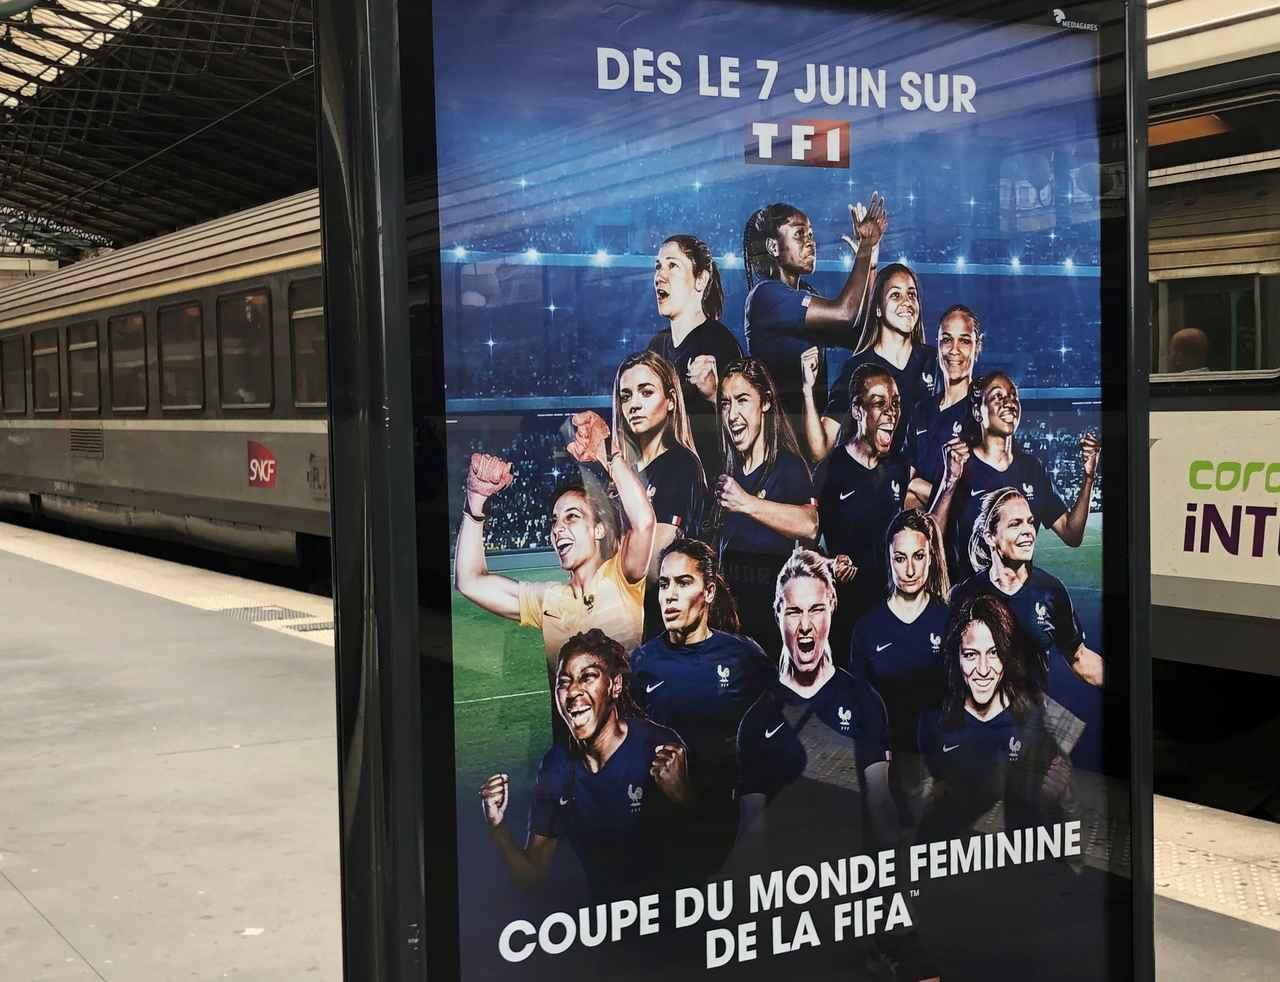 画像: 地元フランス女子代表のポスター。地元の期待は大きいようだ(写真◎日々野真理)